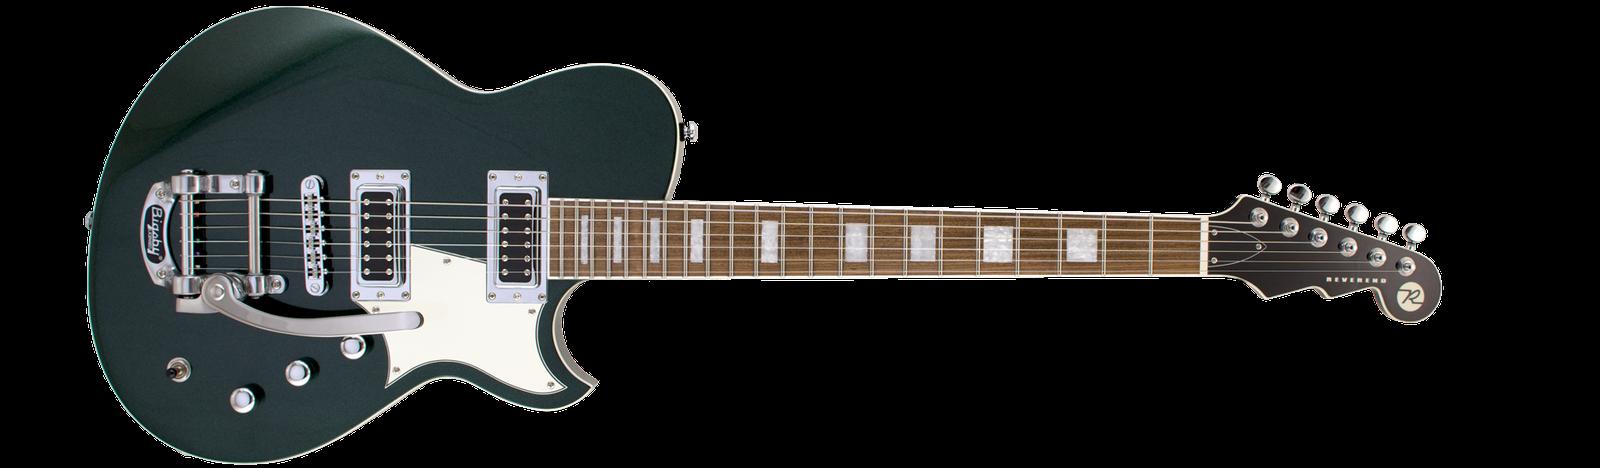 Reverend Guitars Contender RB Ivy